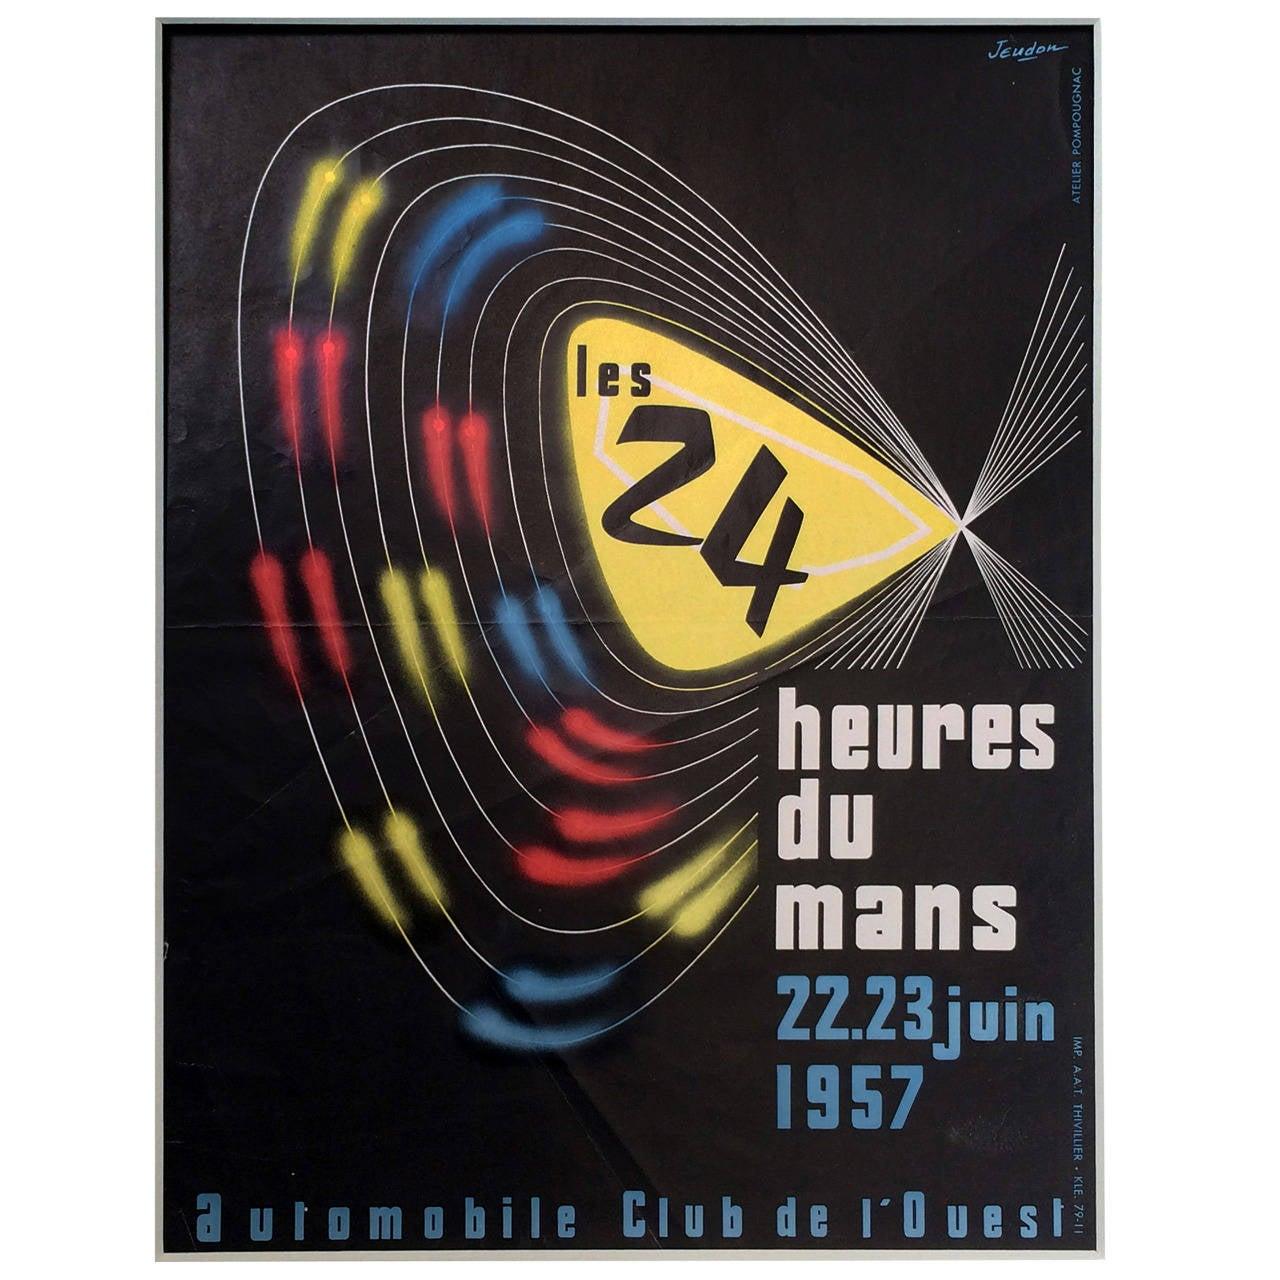 24 heures du mans 1957 for sale at 1stdibs. Black Bedroom Furniture Sets. Home Design Ideas